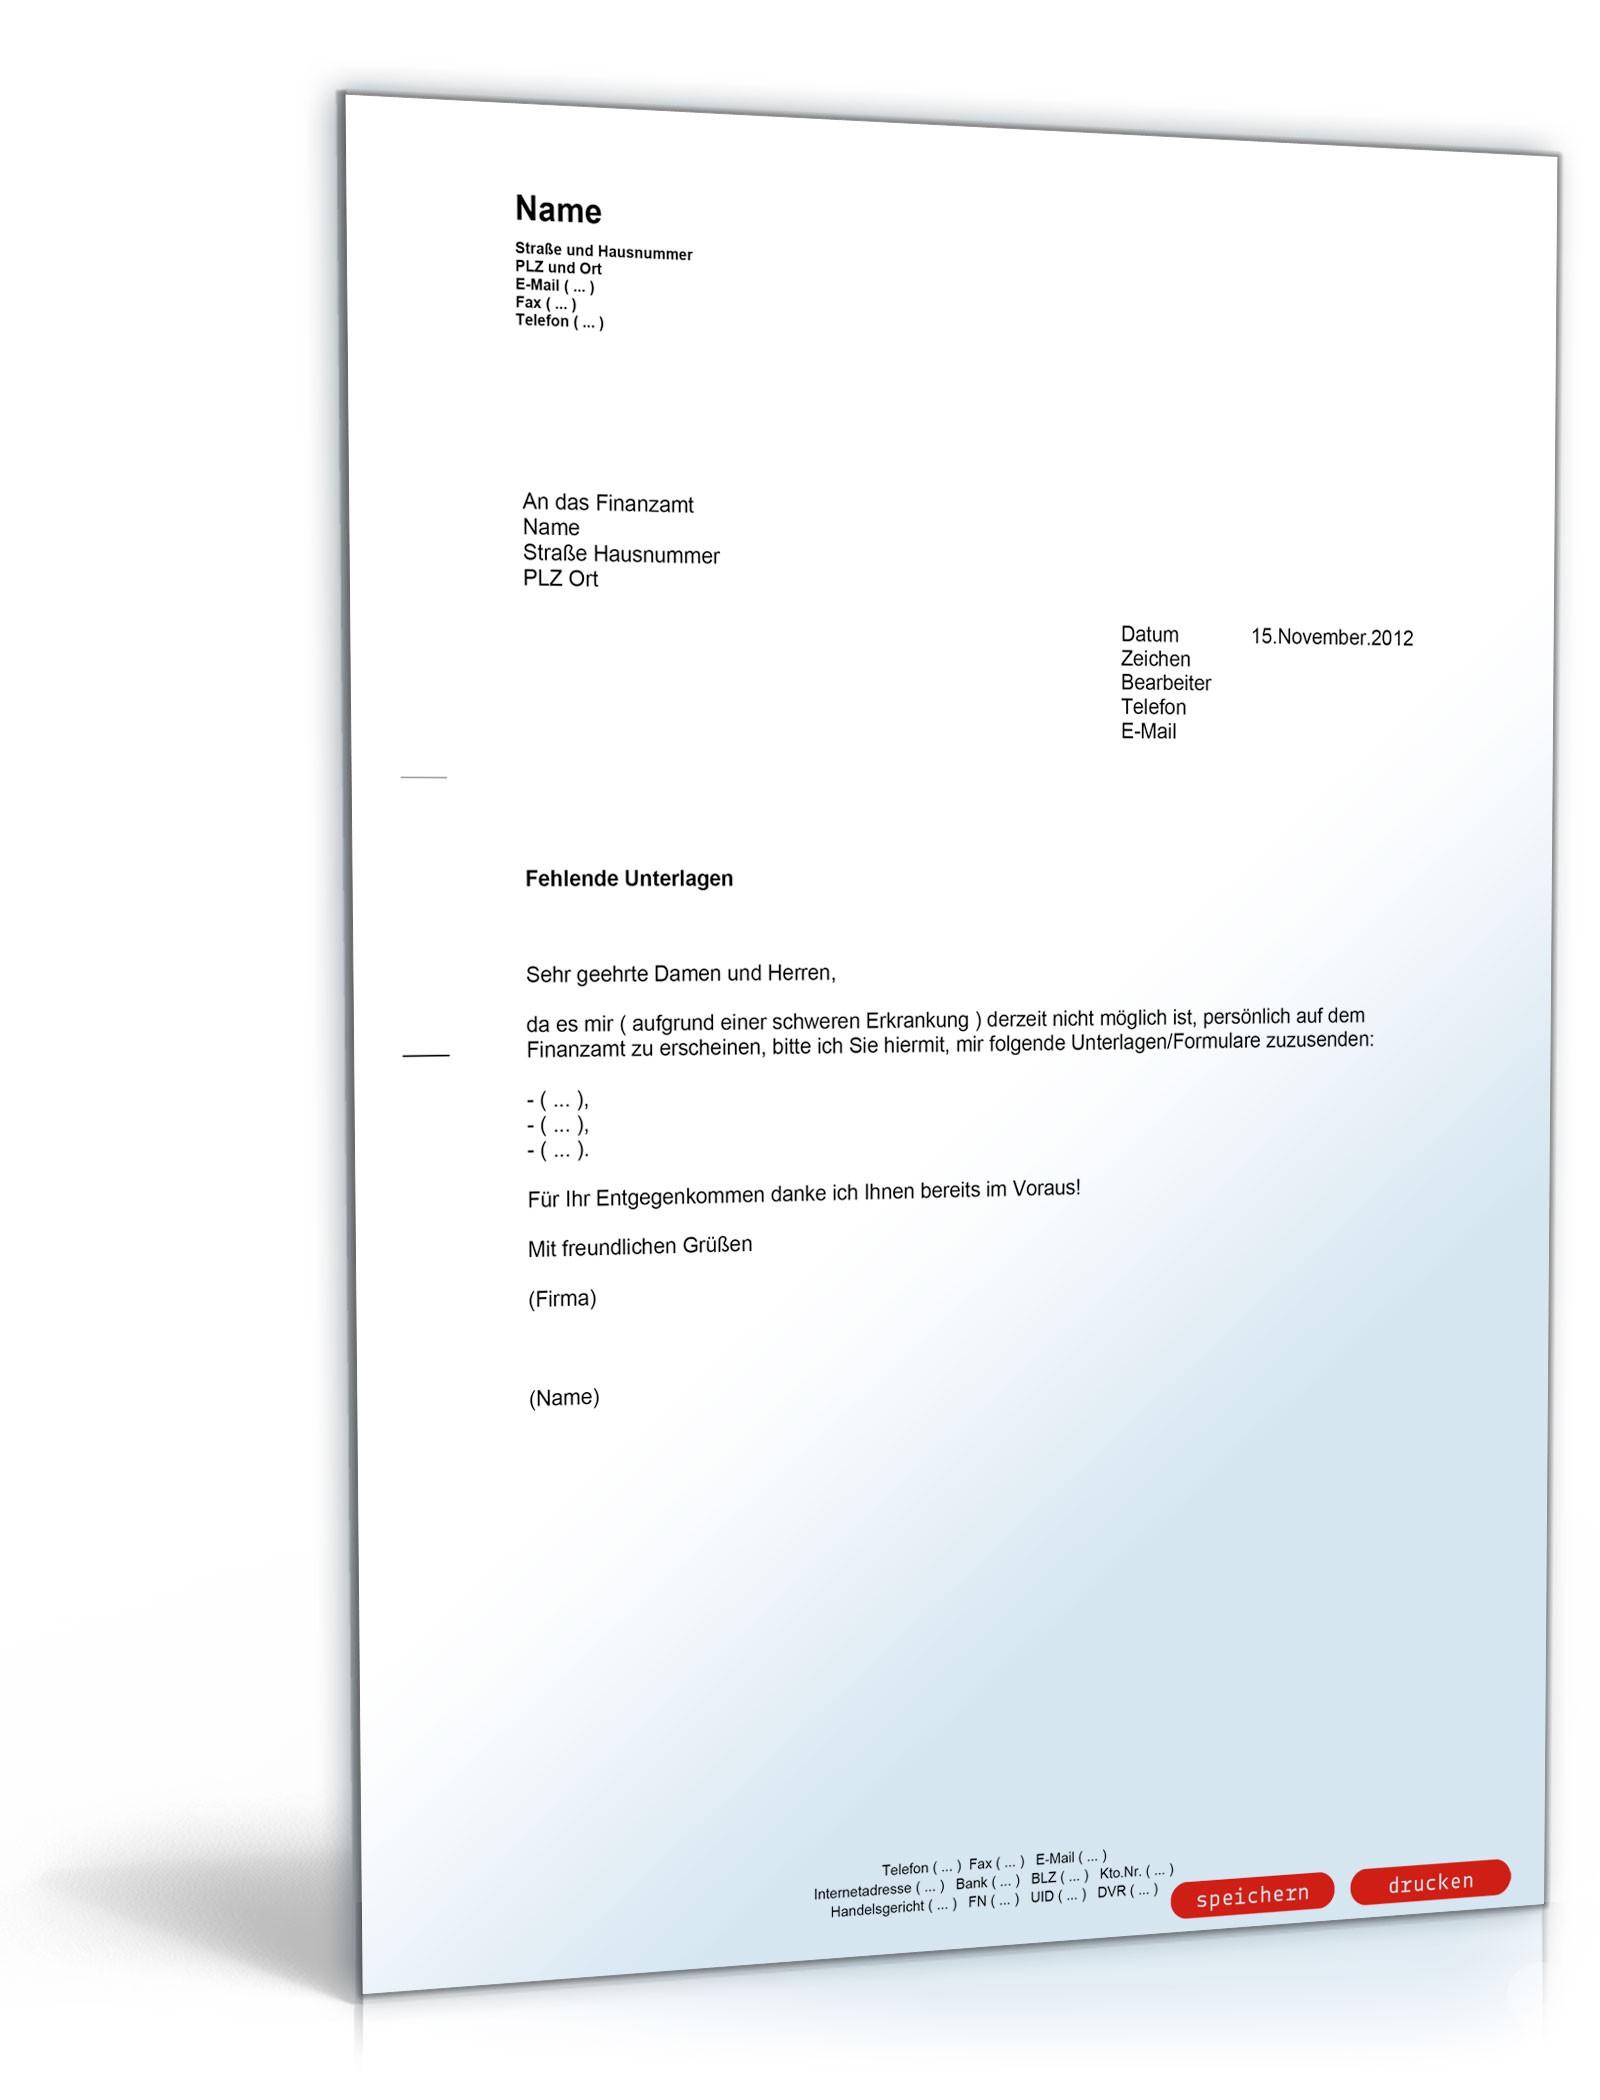 Zusendung von Unterlagen vom Finanzamt - Muster-Vorlage zum Download